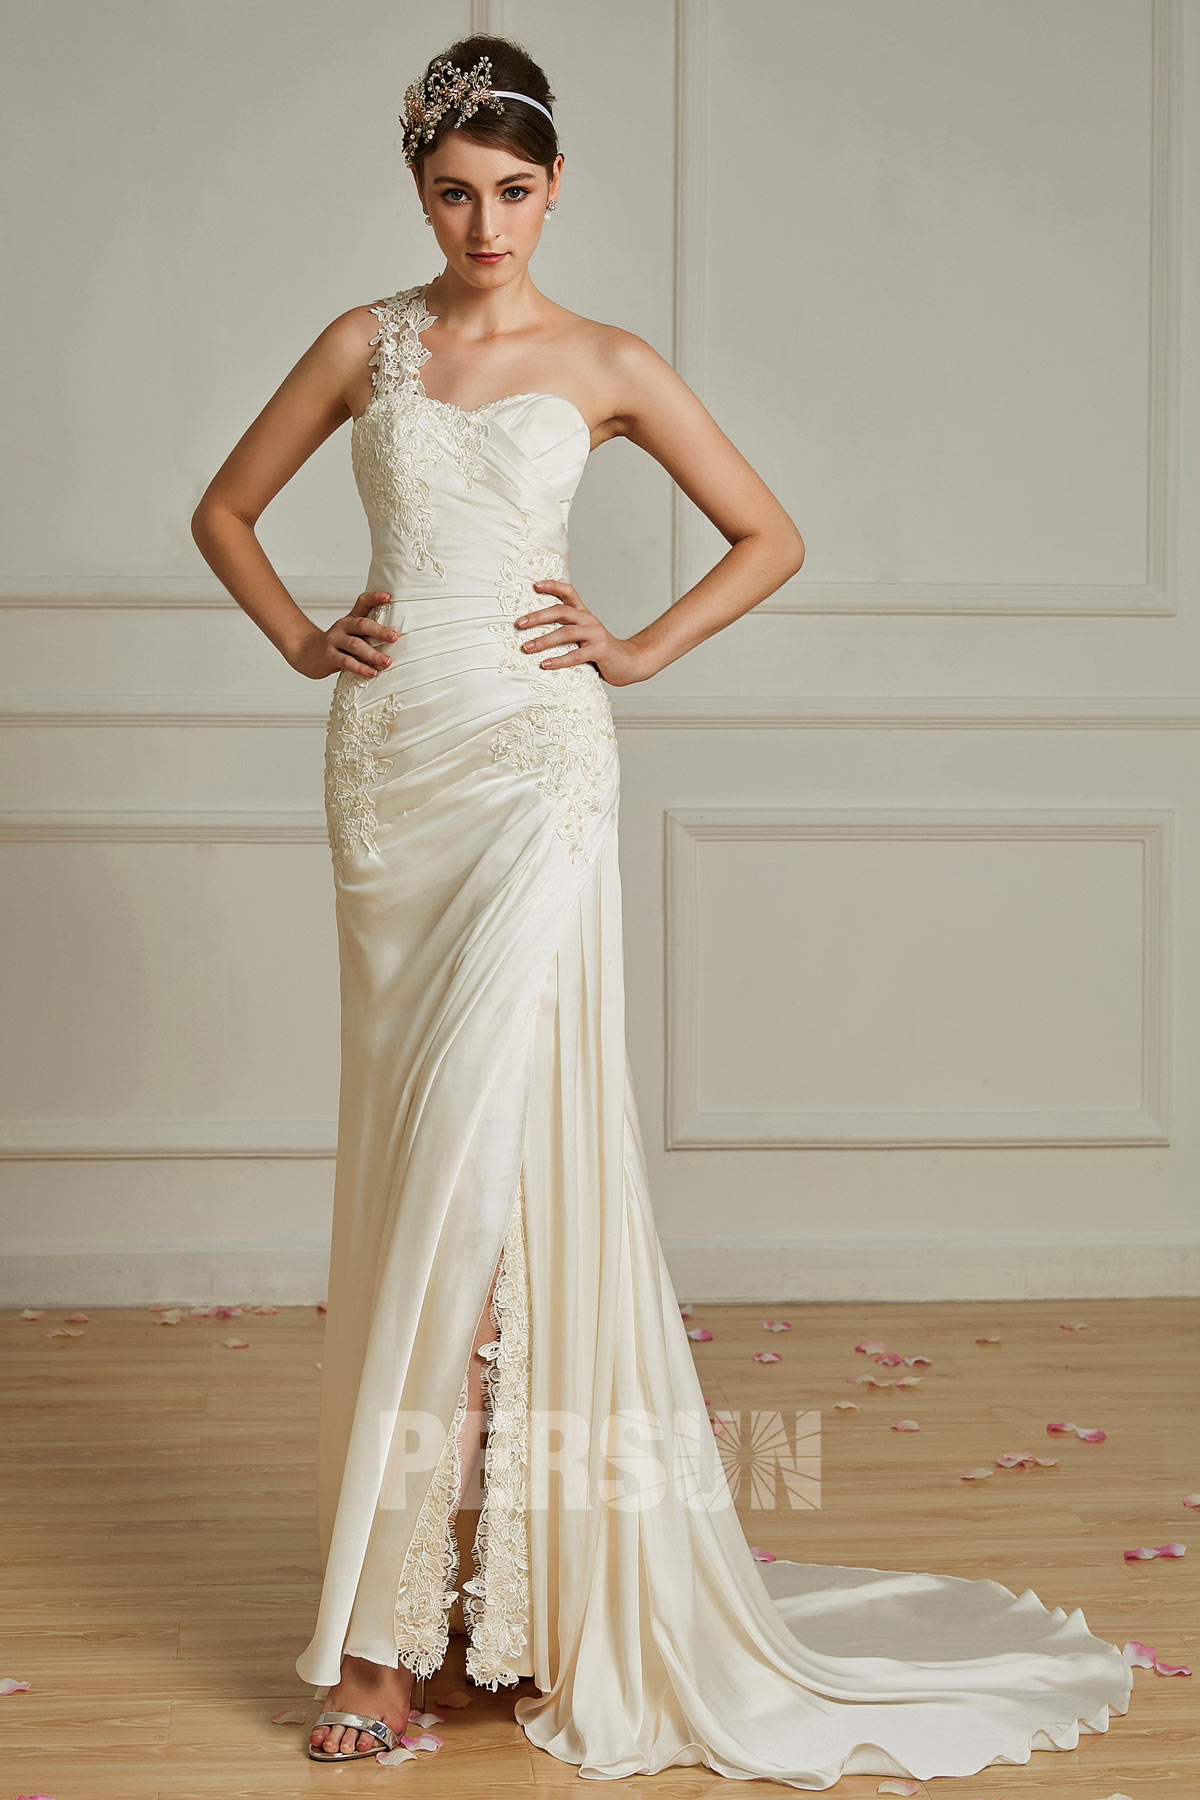 robe de mariée fourreau fendue ivoire asymétrique ornée de dentelle guipure florale avec traîne